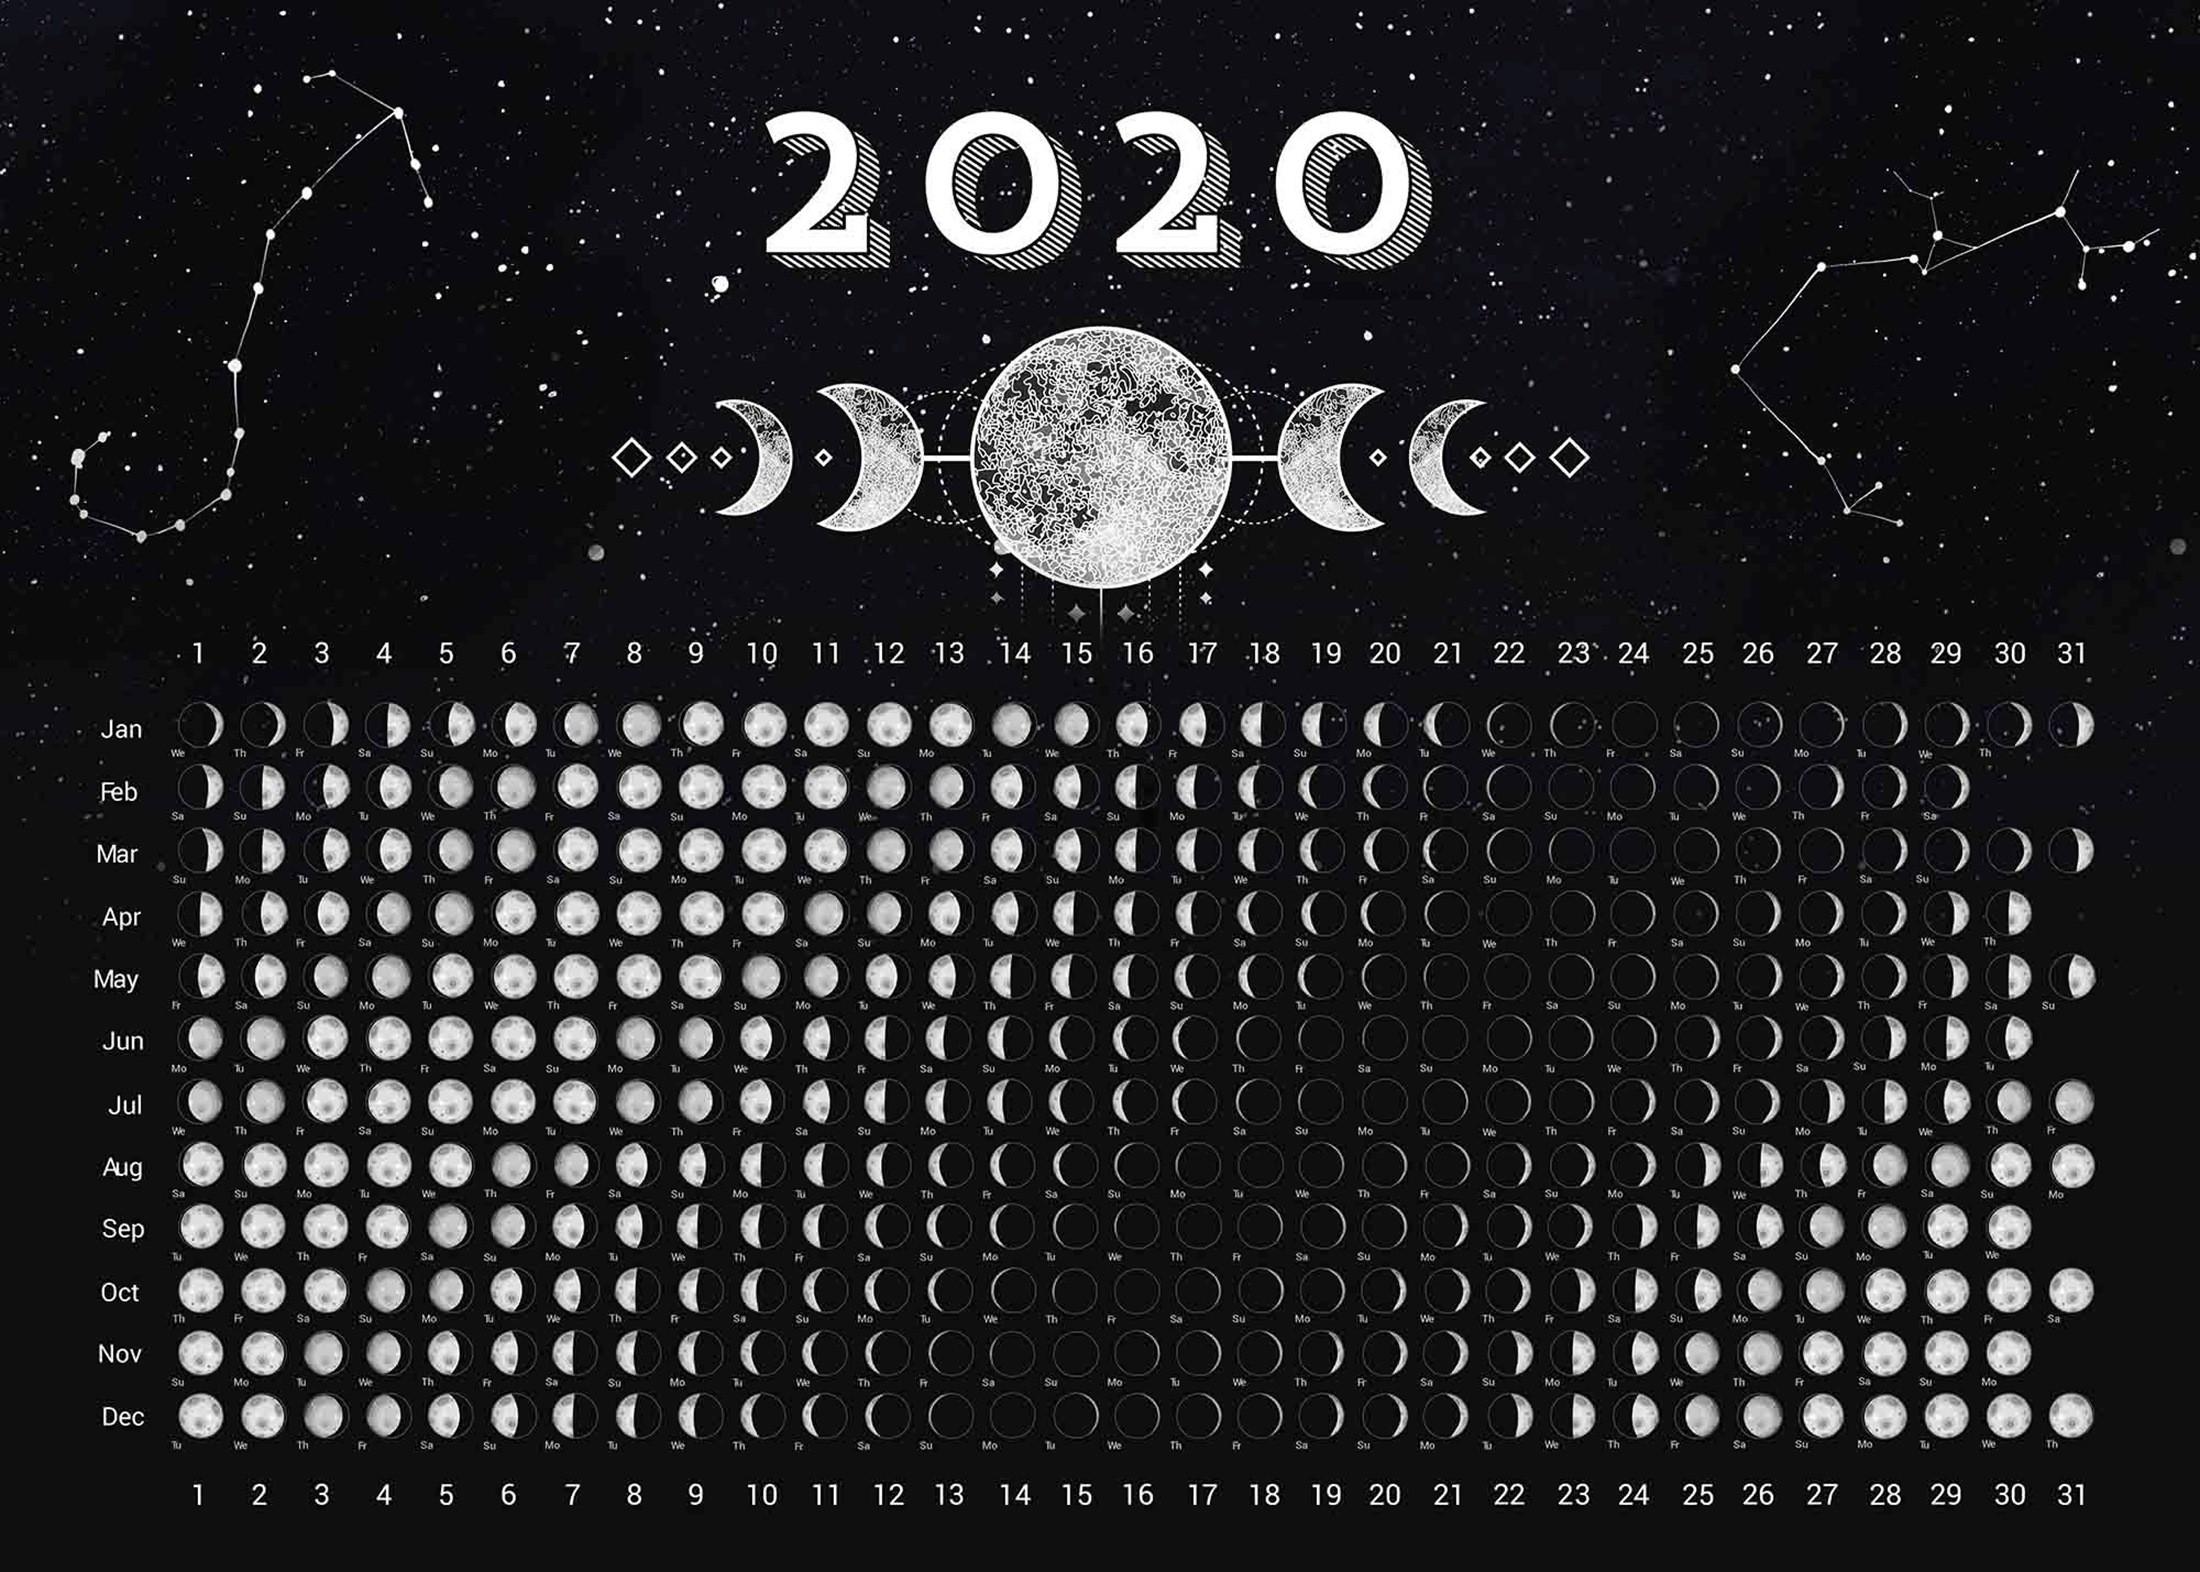 Фазы Луны на 2020 год